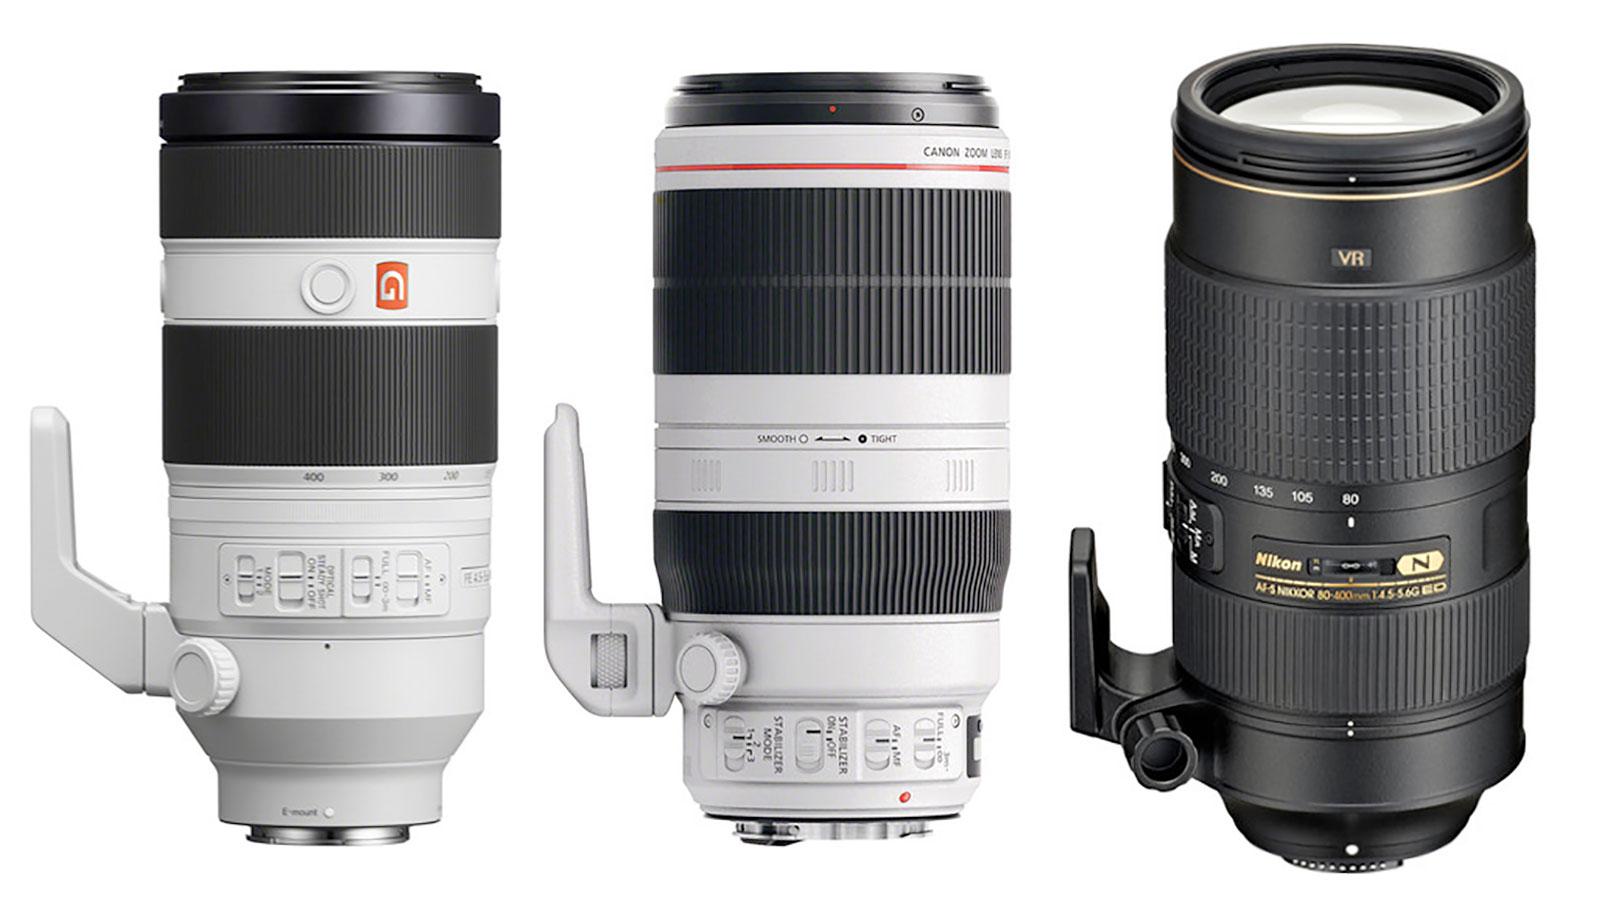 100-400mm F4.5-5.6 Zoom Lenses